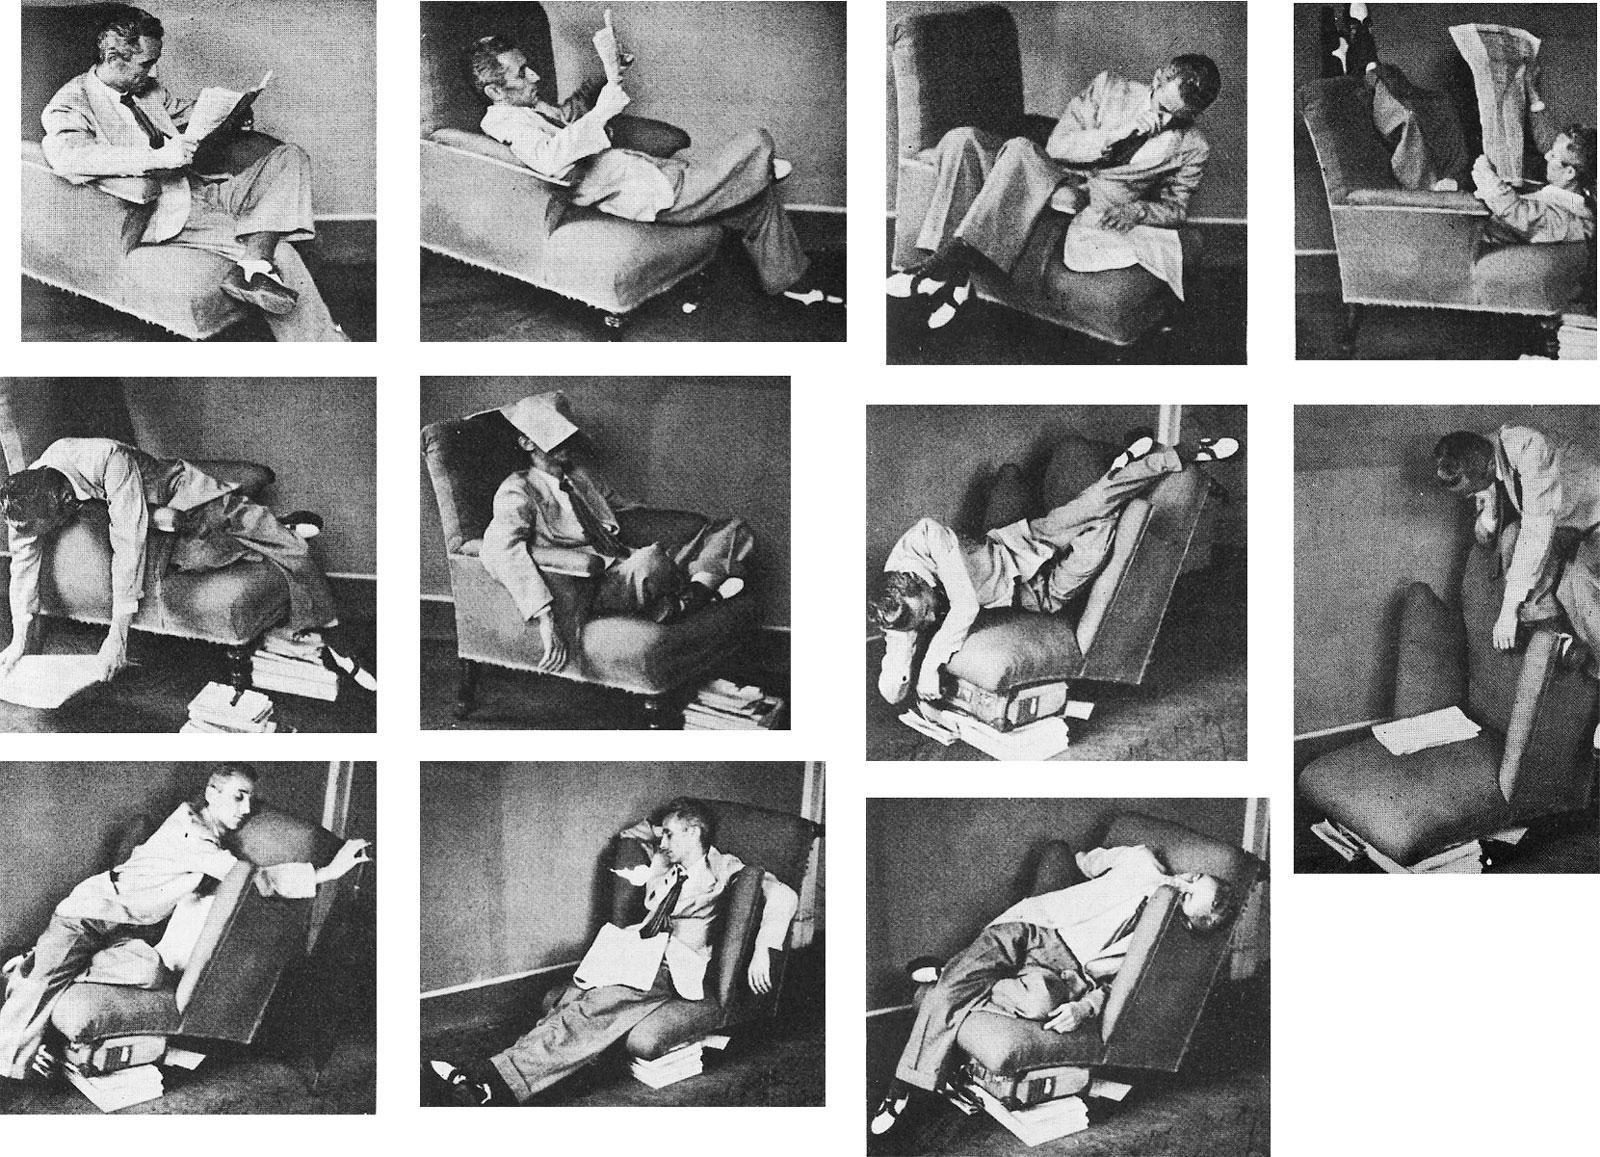 Recherche du confort dans un fauteuil inconfortable